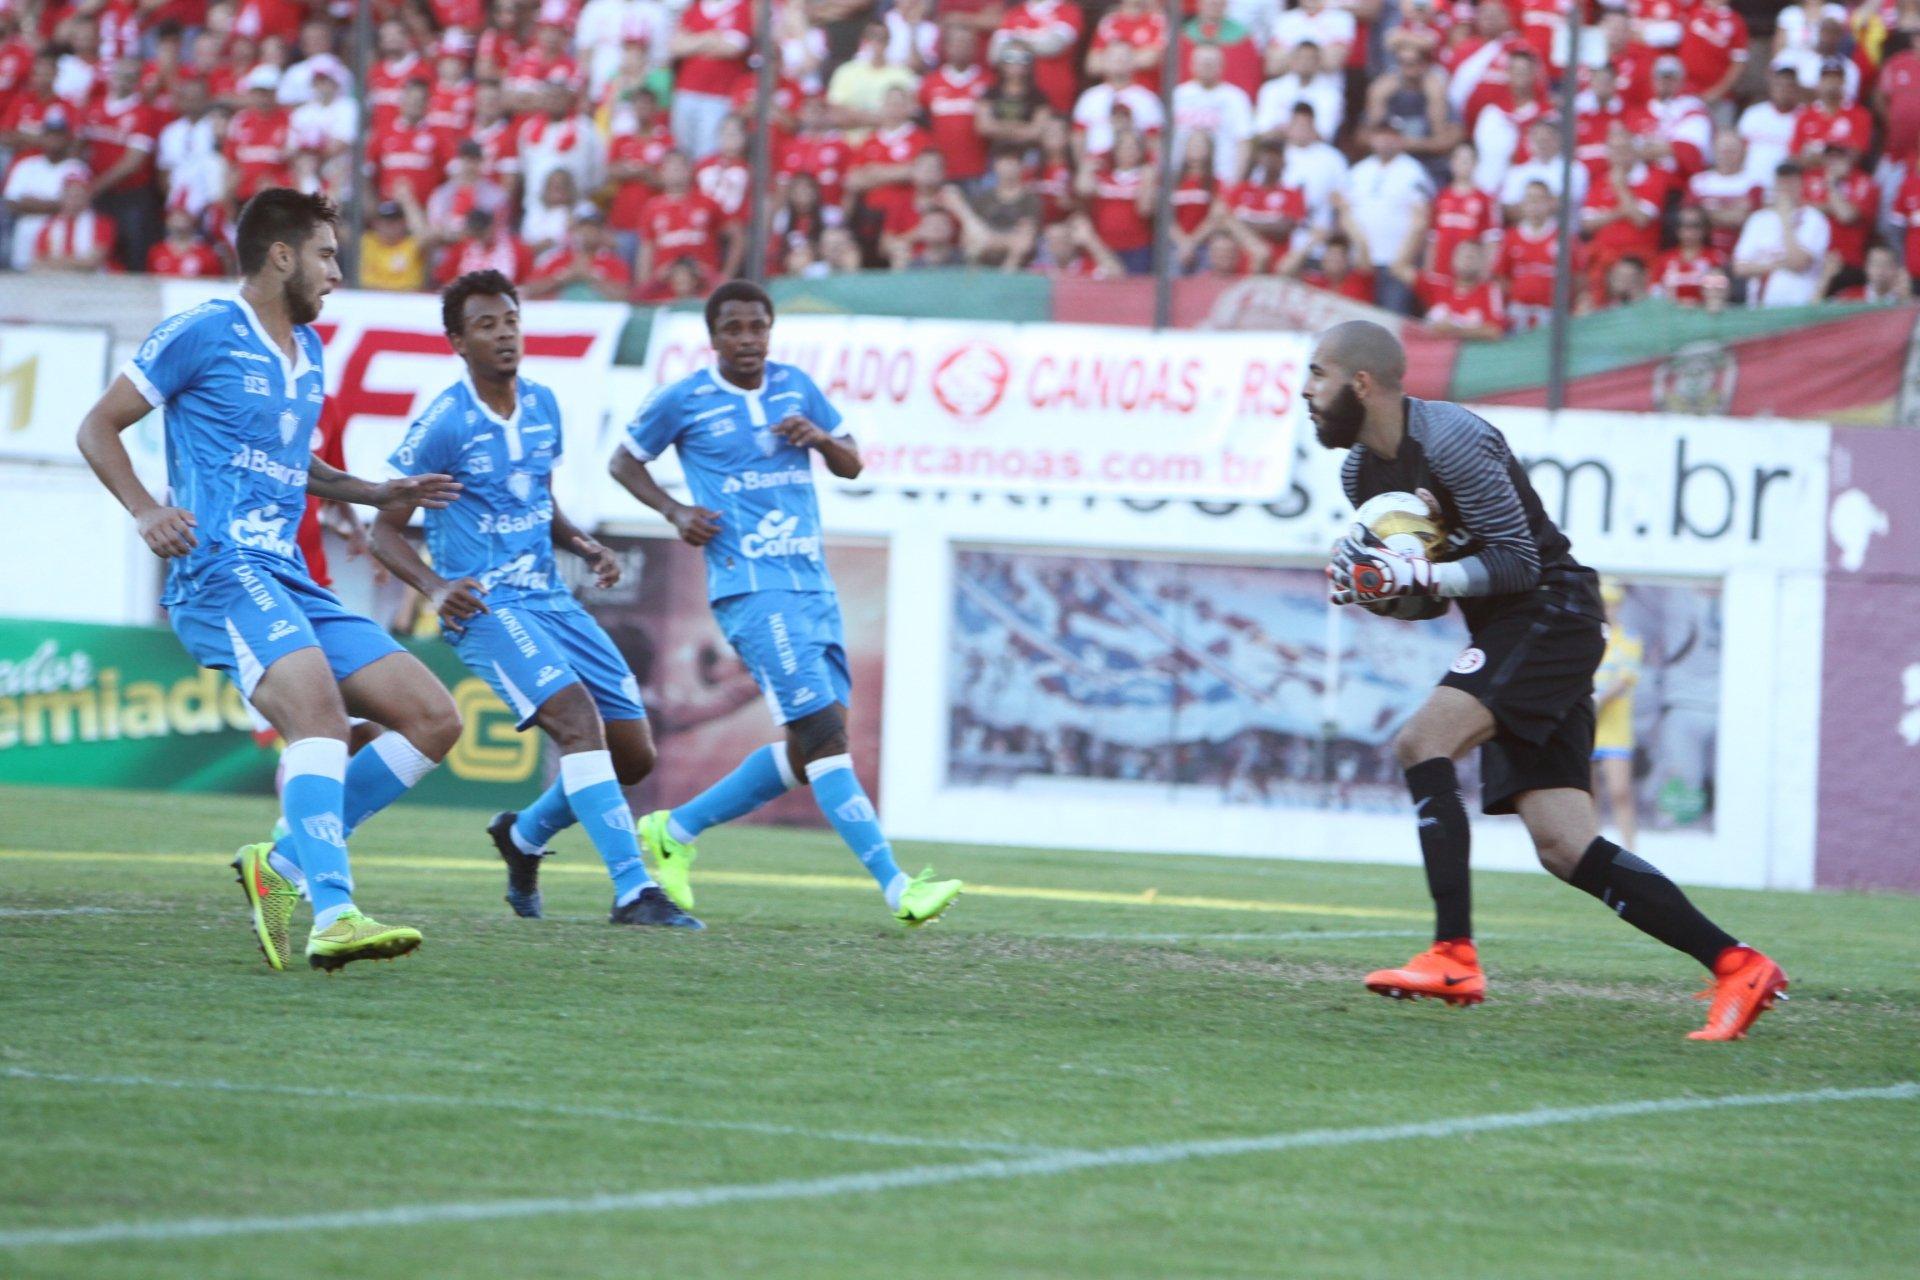 Internacional estreia na Série B com vitória sobre o Londrina